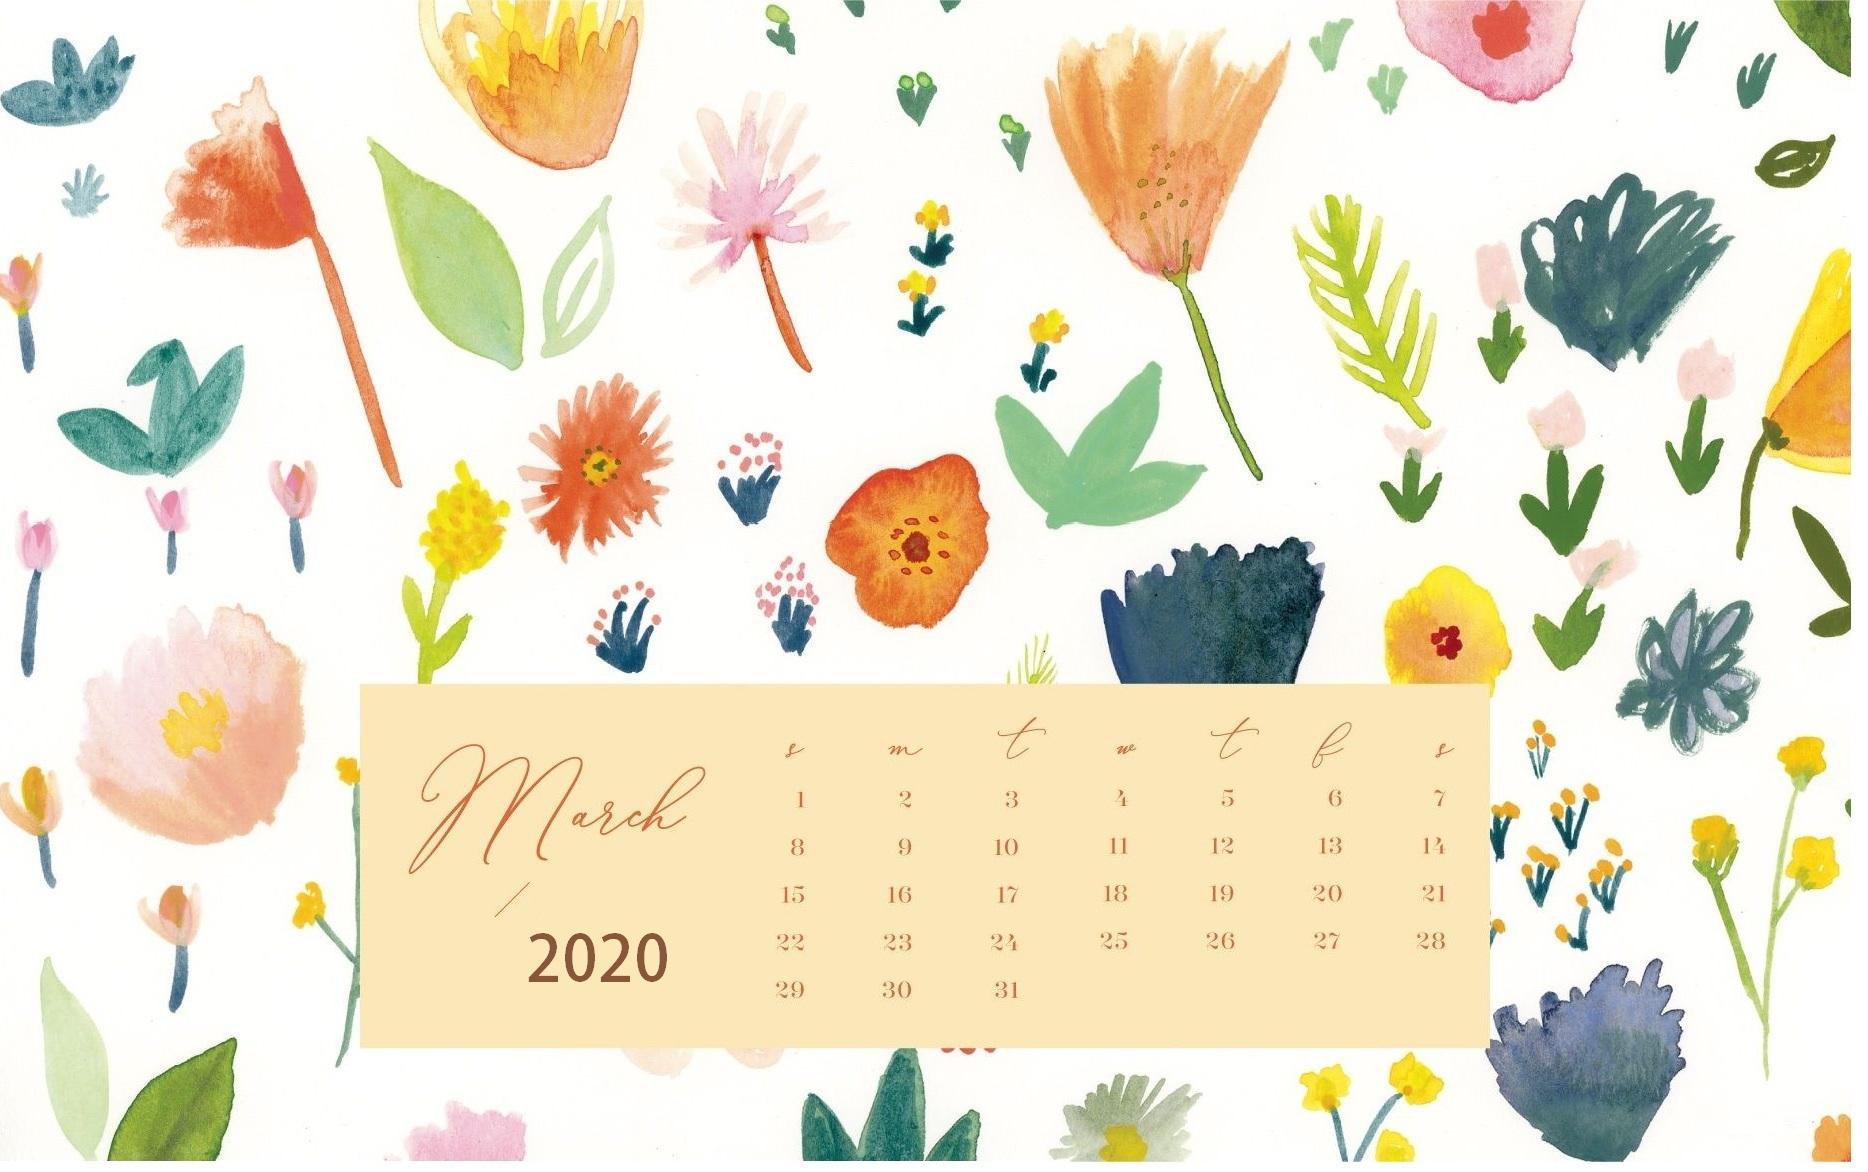 53] 2020 Calendar Phone Wallpapers on WallpaperSafari 1868x1172